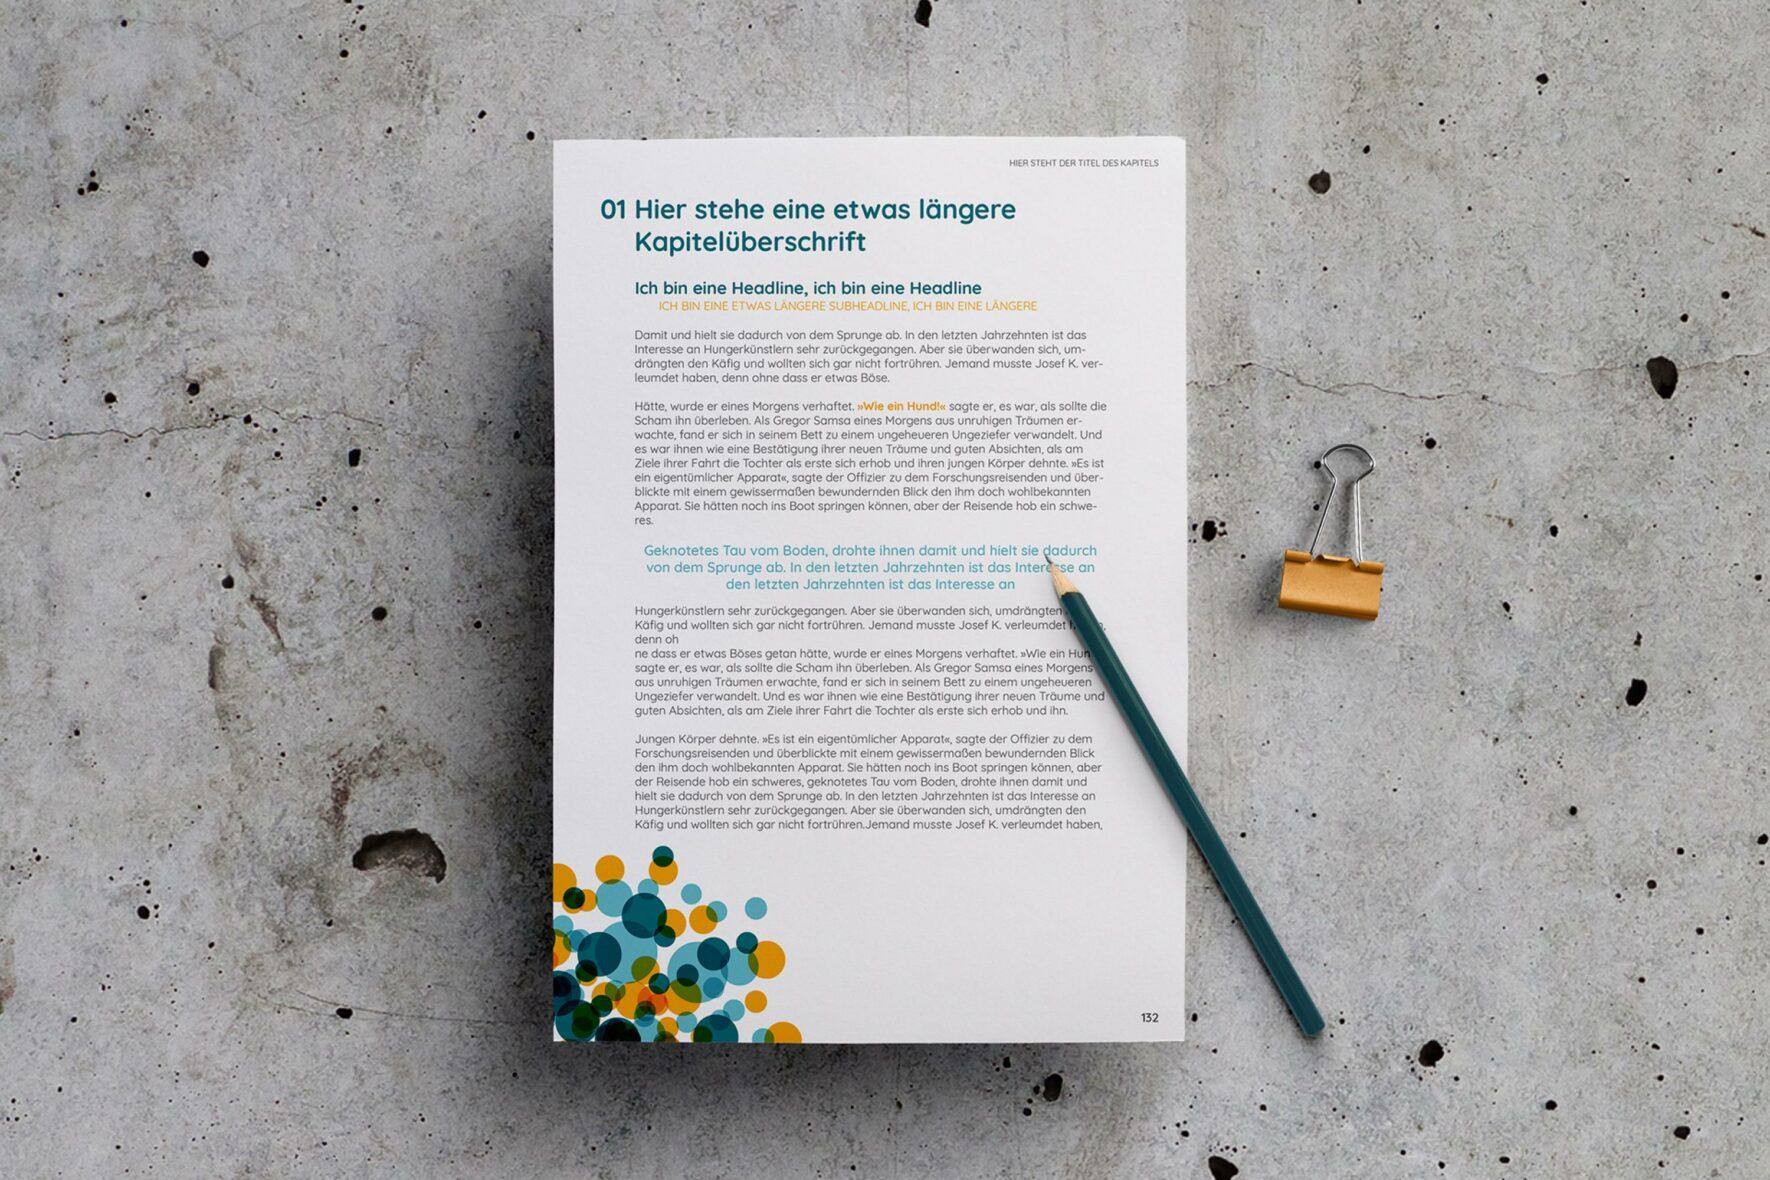 RespektAkademie-Corporate-Design-Vorlage-Bericht-Broschuere-Print-FORMLOS-Berlin-3